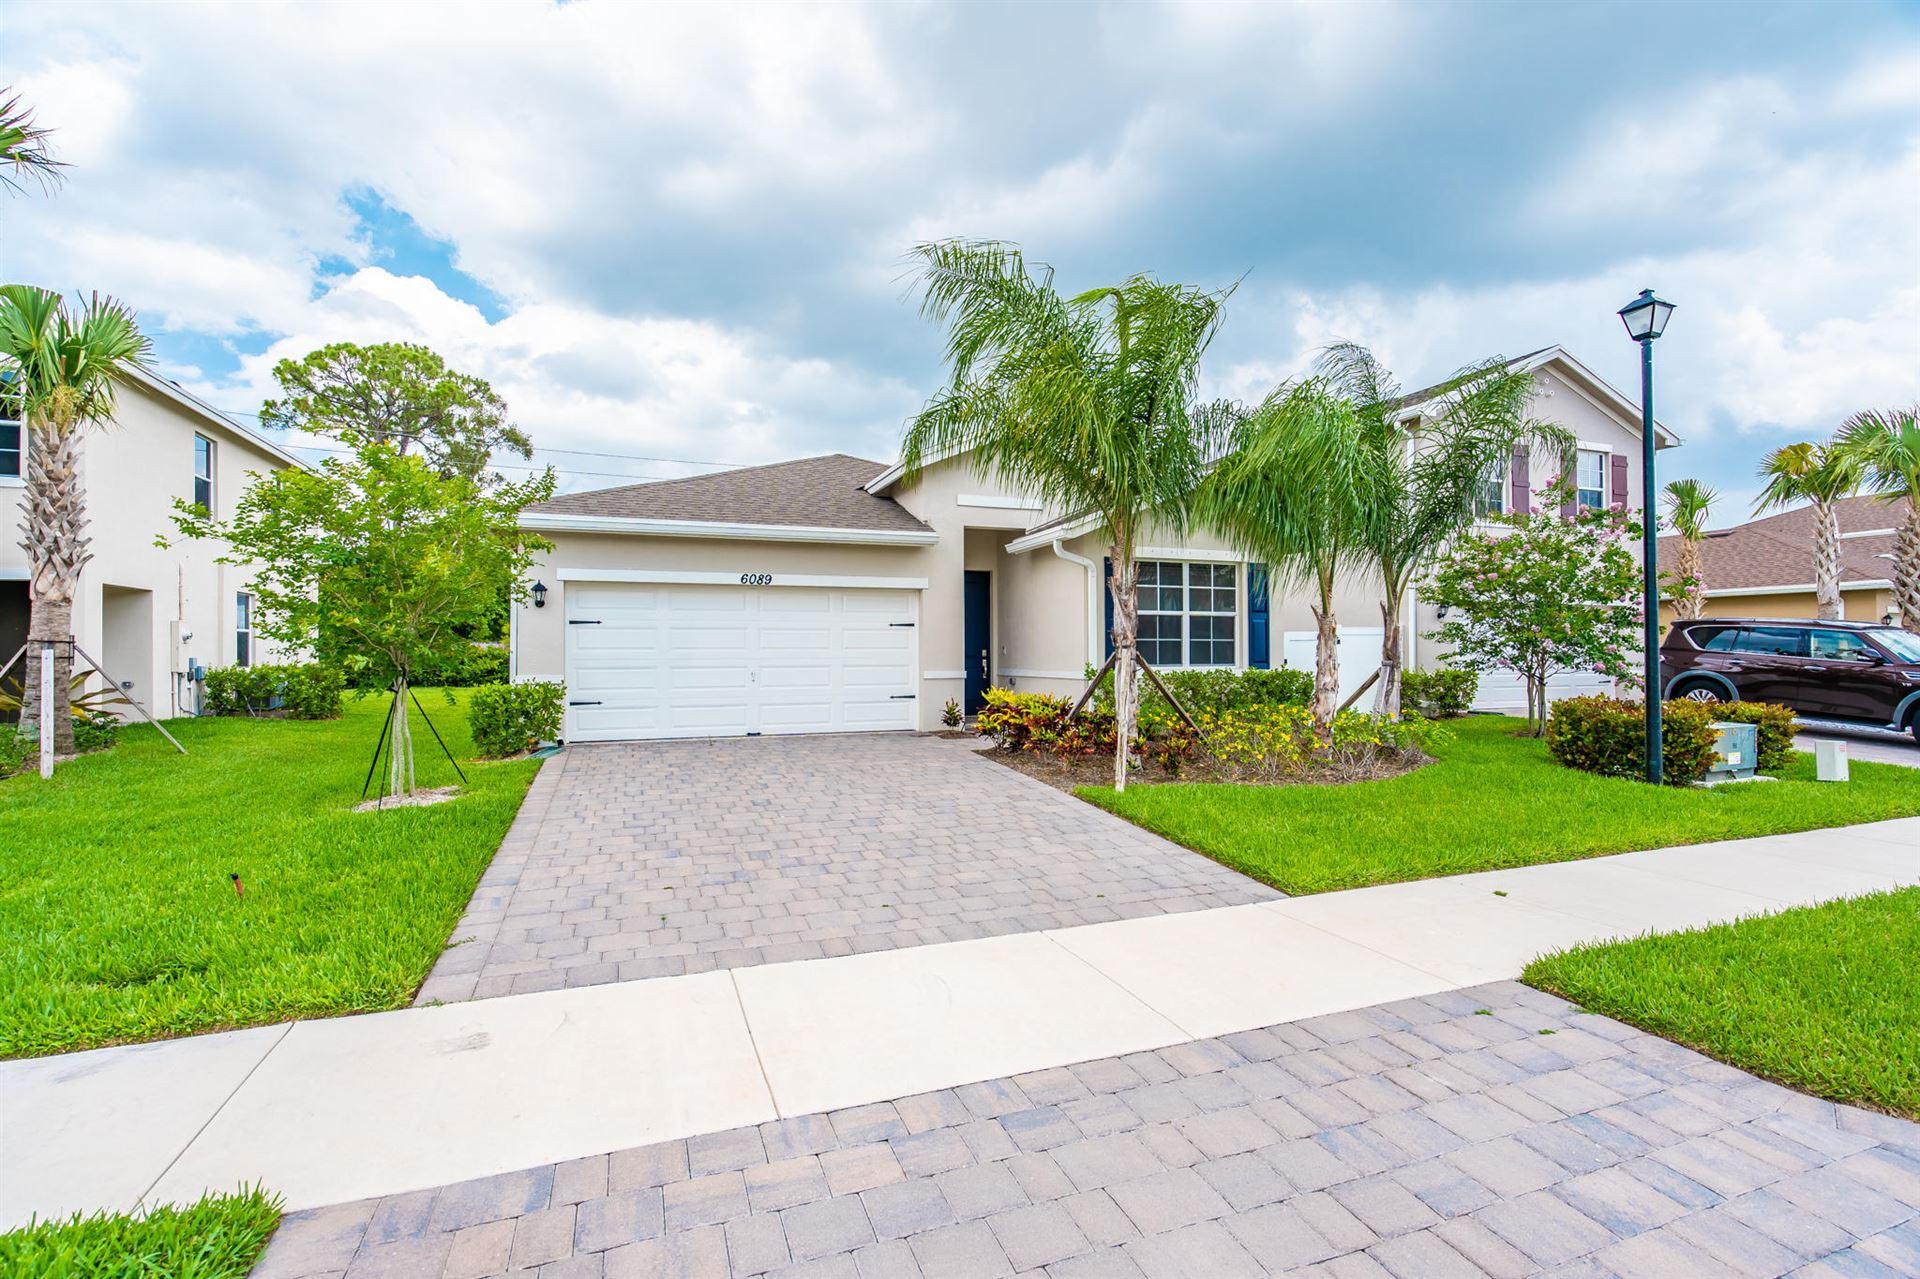 6089 Wildfire Way, West Palm Beach, FL 33415 - #: RX-10624092